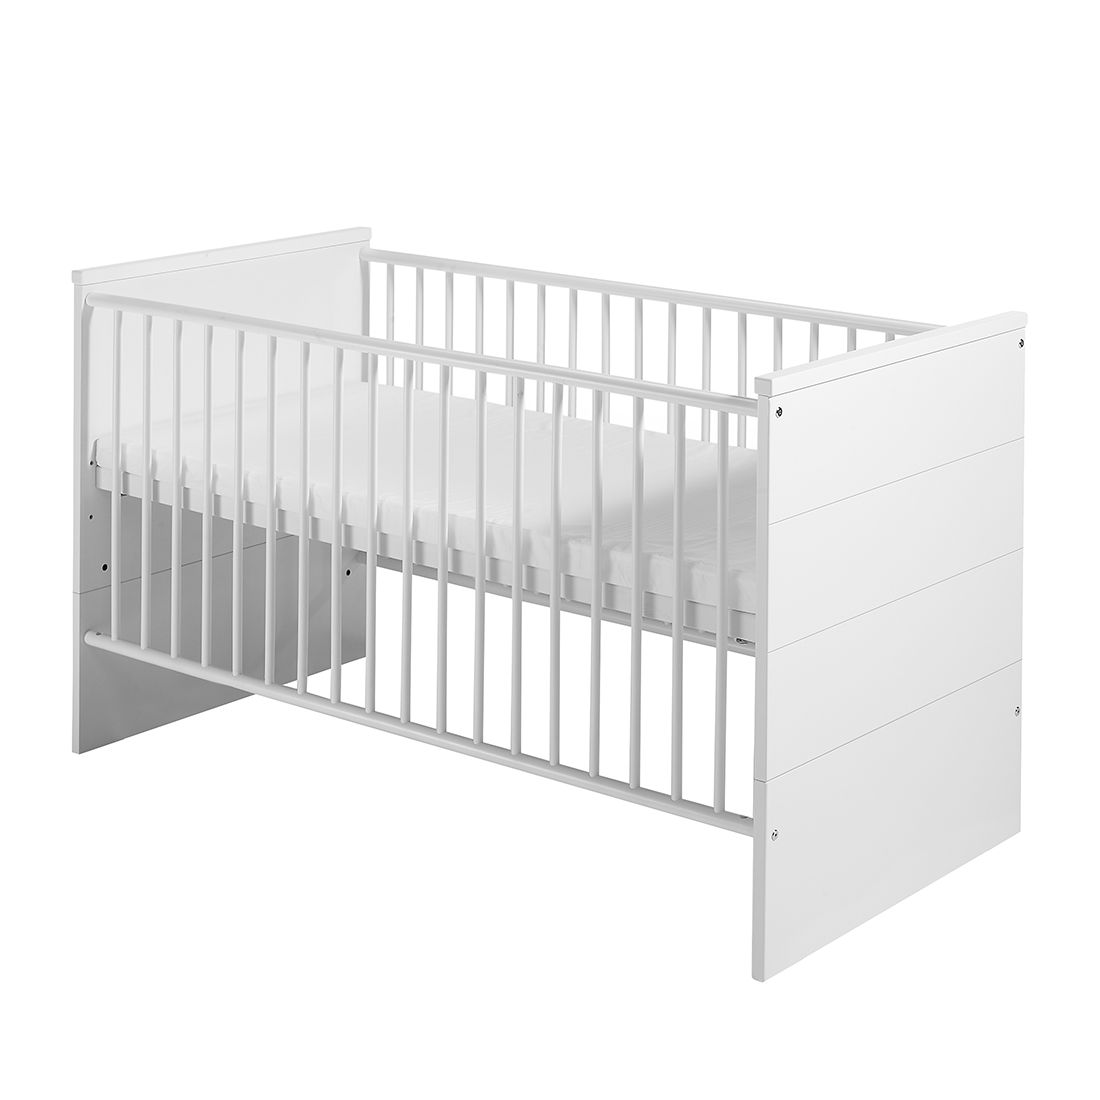 Babybett Eco Stripe - Buche Massiv/MDF - Weiß, Schardt